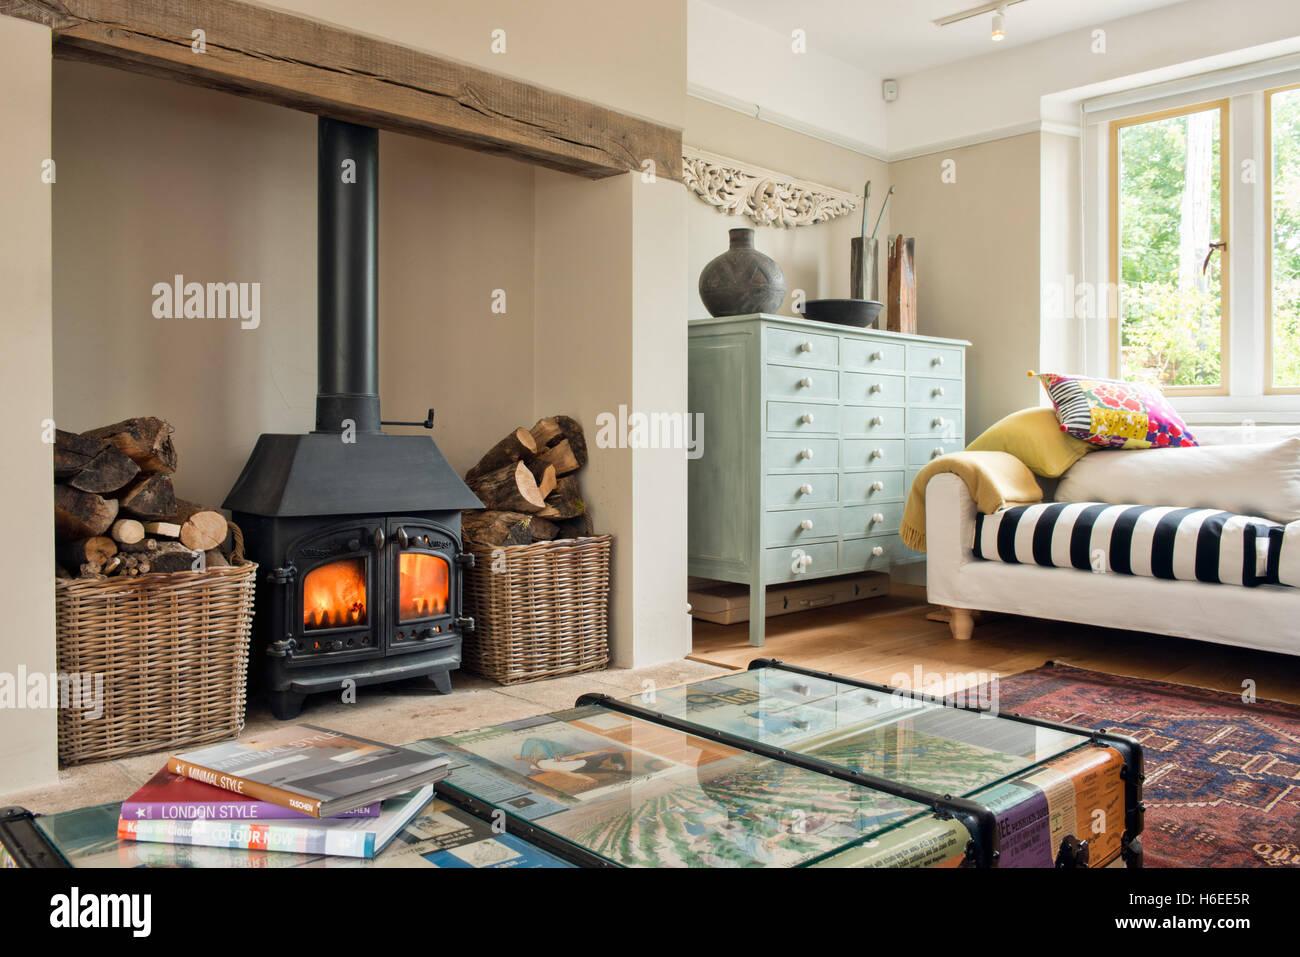 Eine Elegante, Farbenfrohe Wohnzimmer Mit Holzofen Und Möbel Aus  Und  Wieder Eingeschaltet